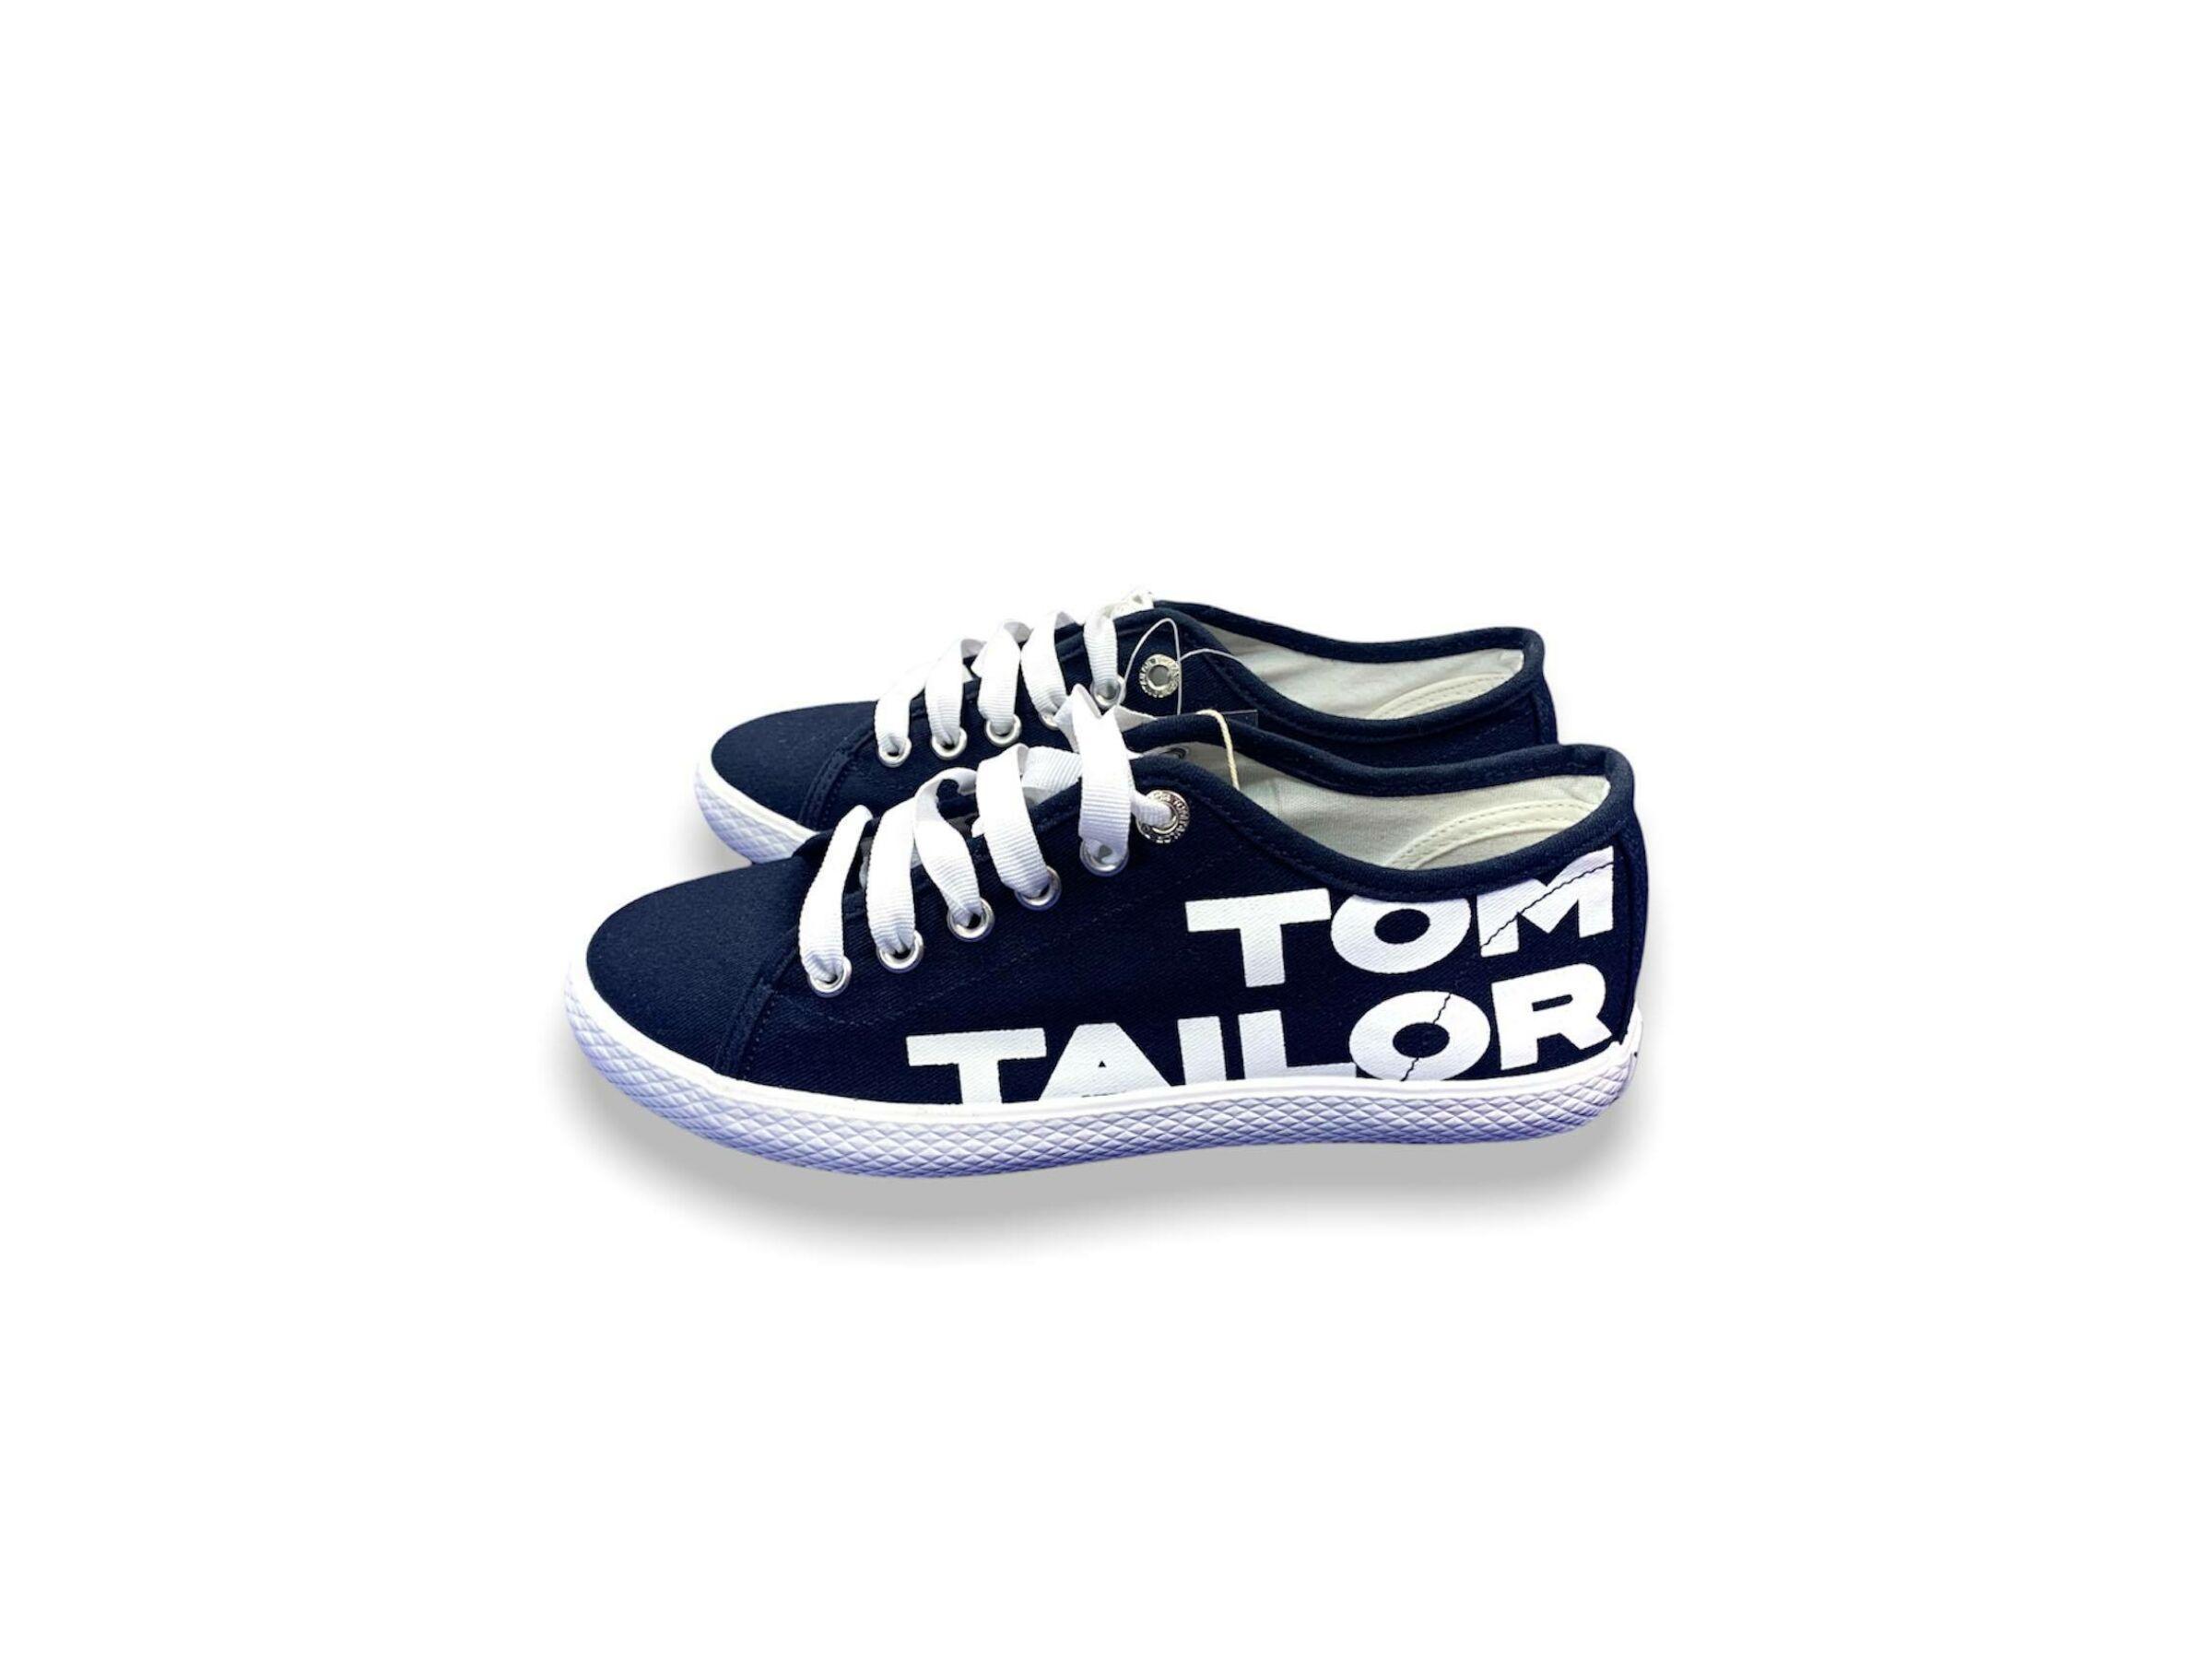 Tom Tailor cipő (36)